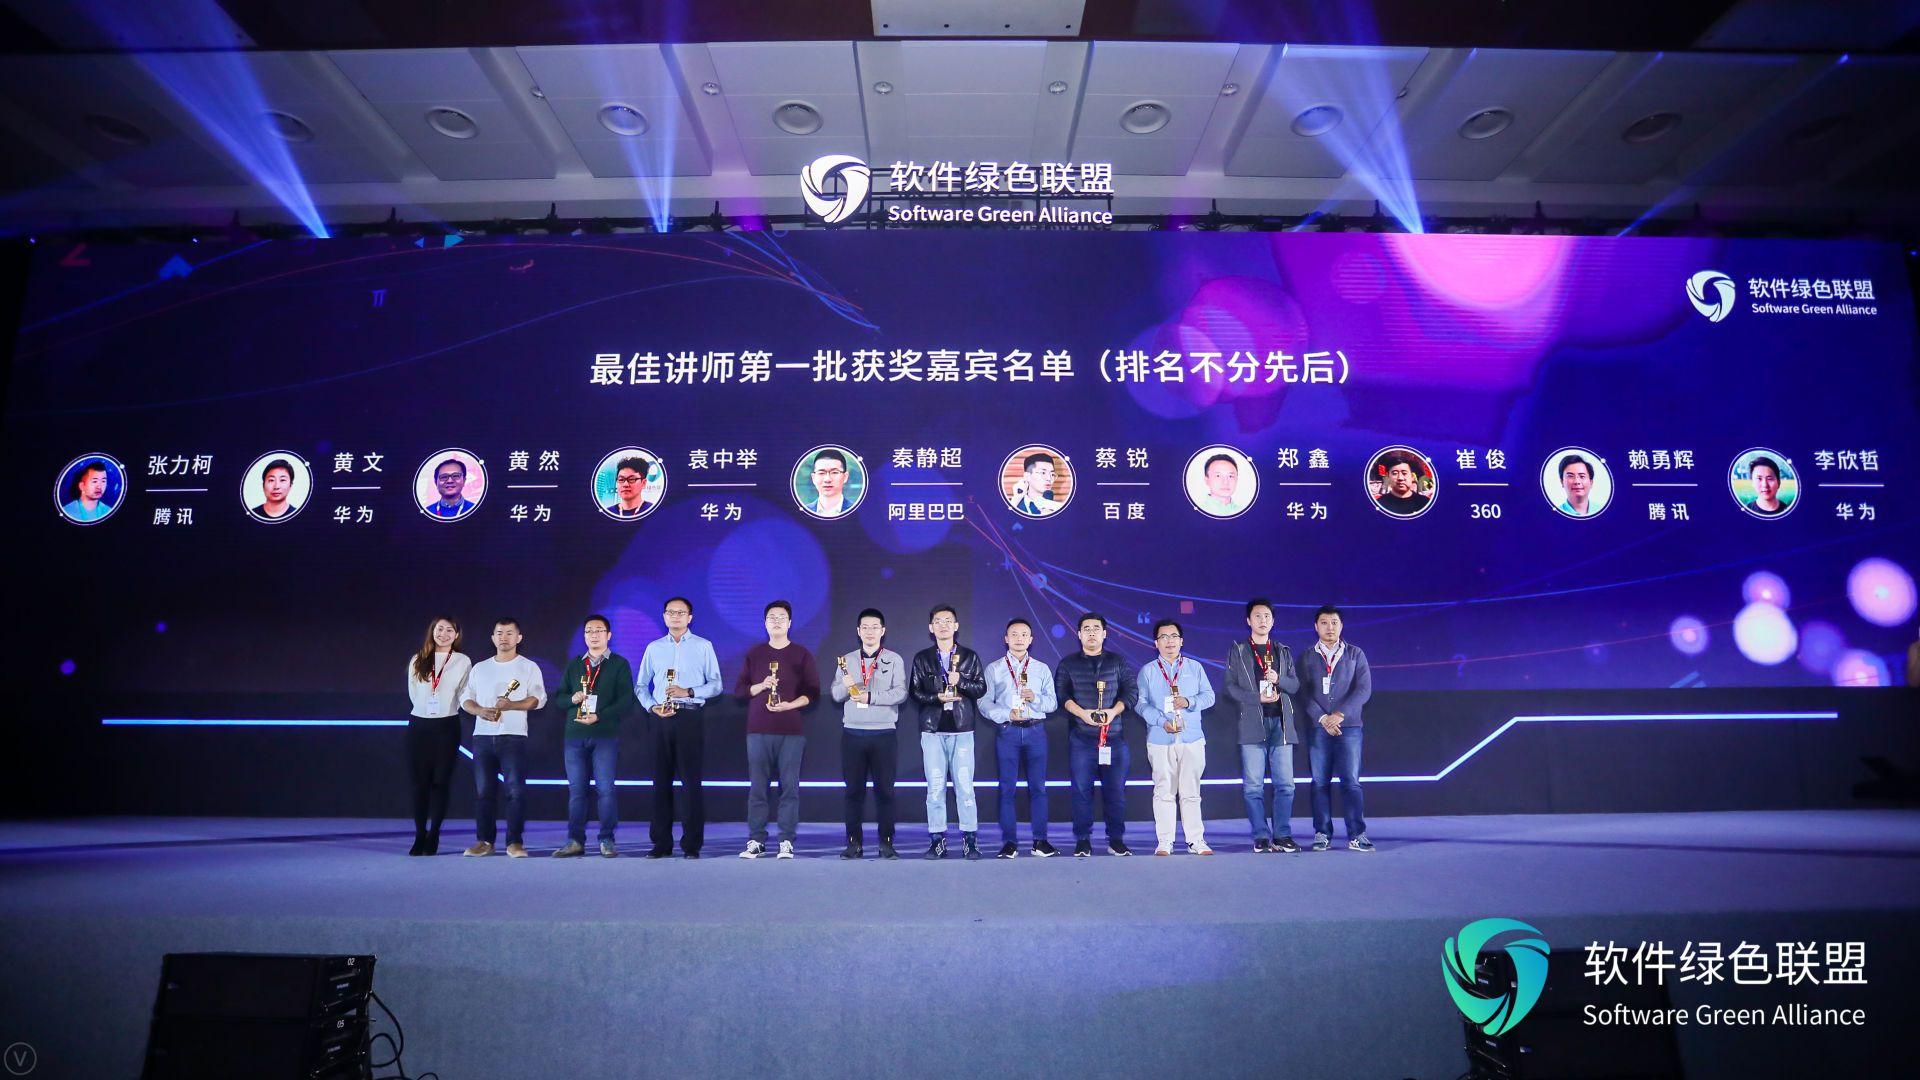 推动软件生态发展,软件绿色联盟开发者大会三大奖项颁出